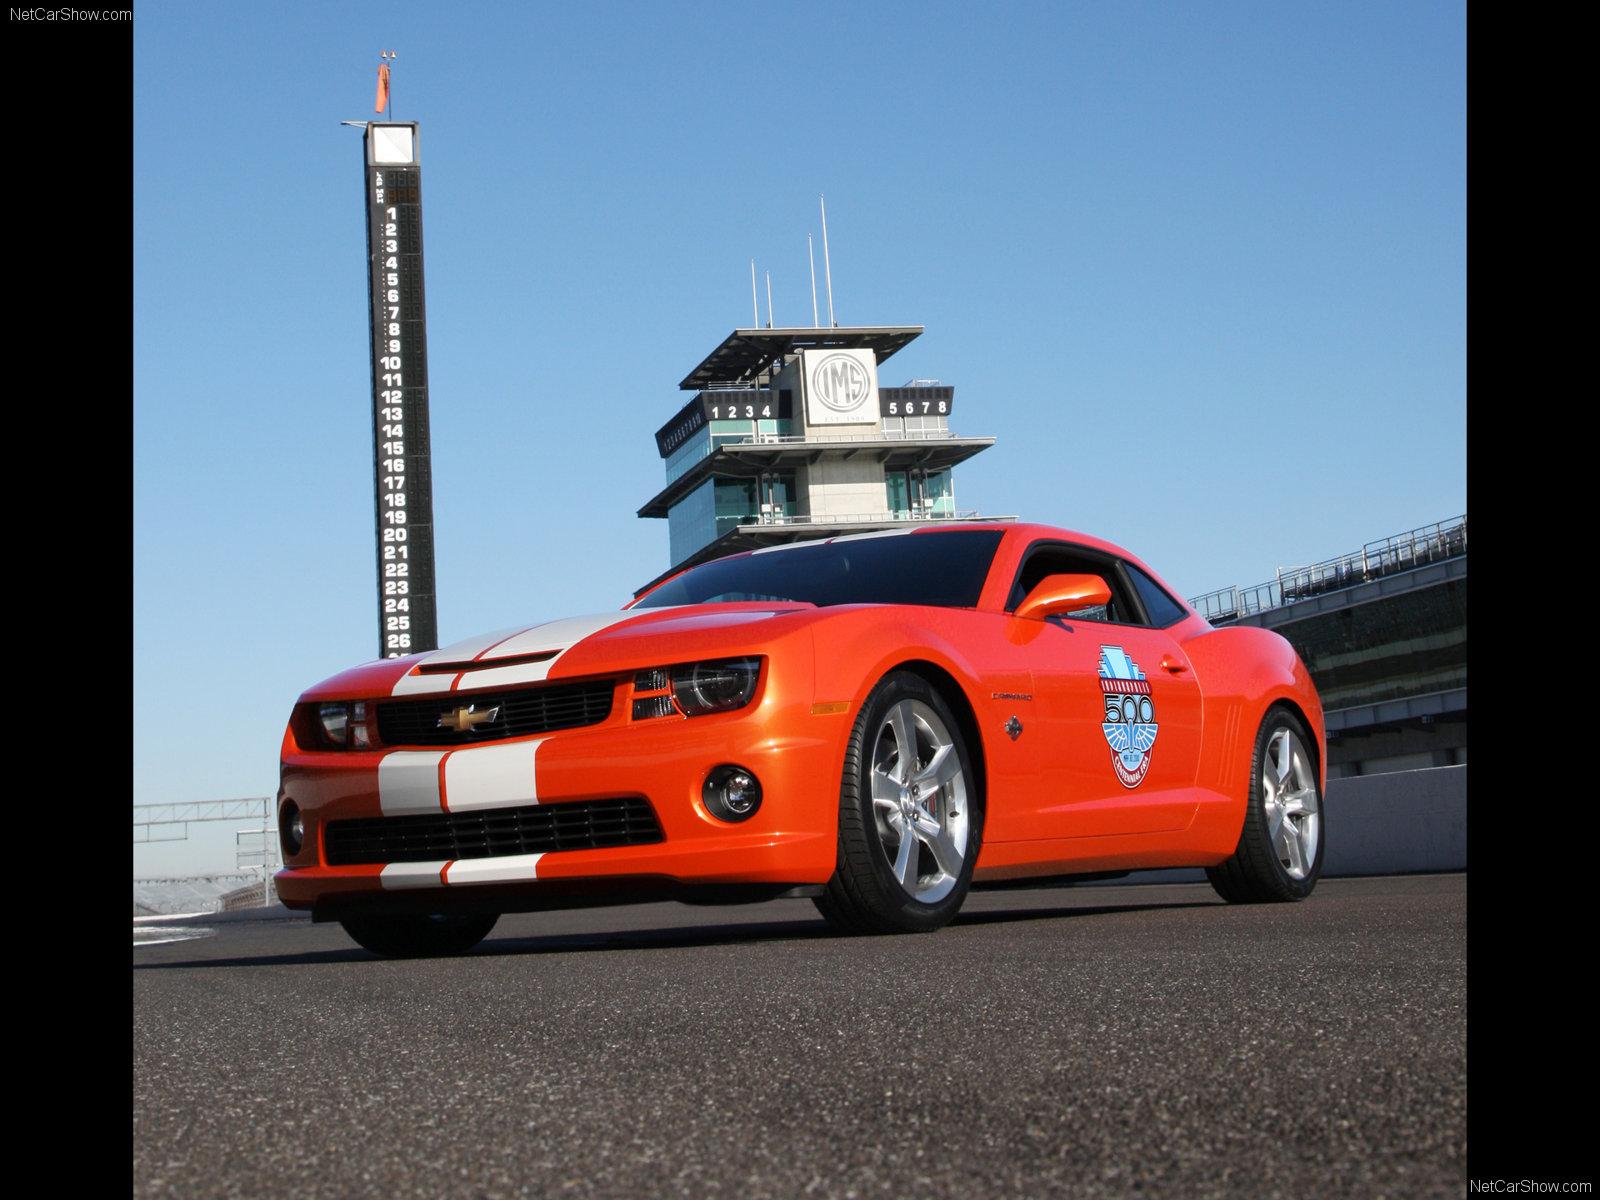 http://1.bp.blogspot.com/-4EQ-Sa5kP34/T-YTJk3EgbI/AAAAAAAAA_o/dkE7hT72eCQ/s1600/Chevrolet-Camaro_SS_Indy_500_Pace_Car_2010_1600x1200_wallpaper_0a.jpg